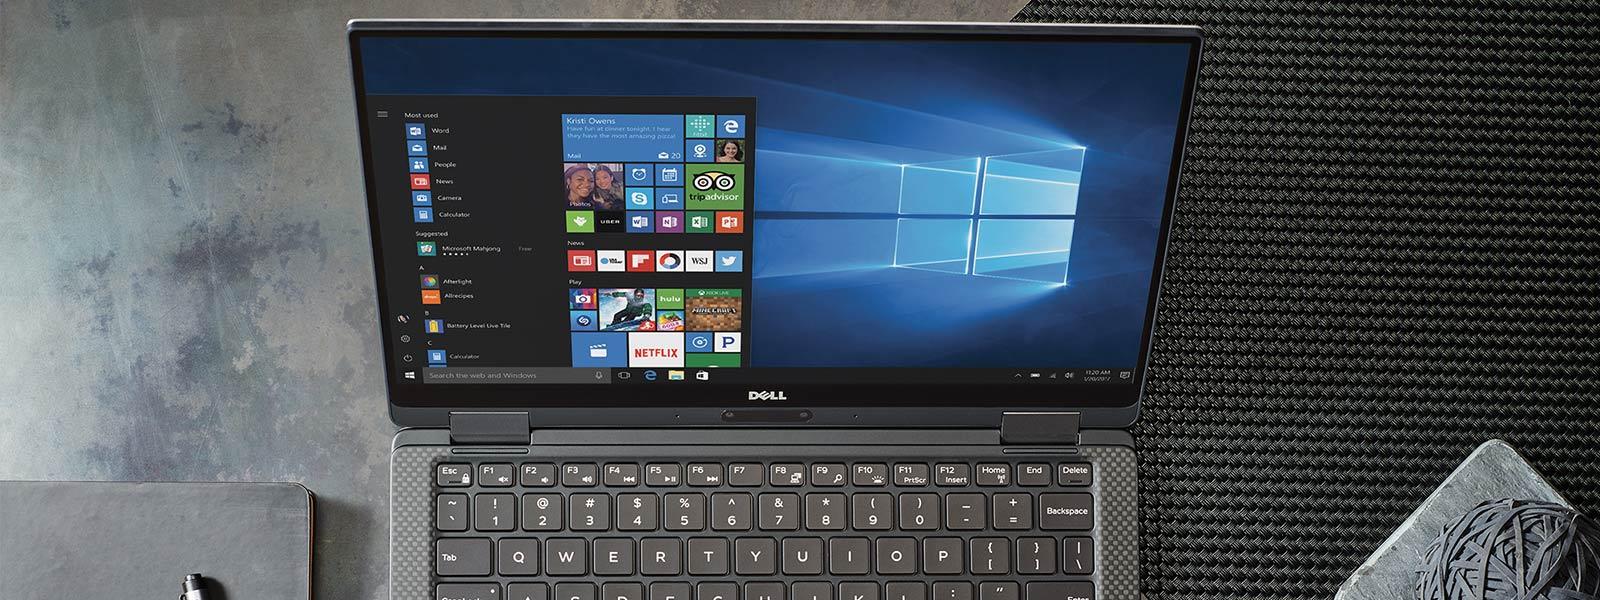 Устройство с начальным экраном Windows 10